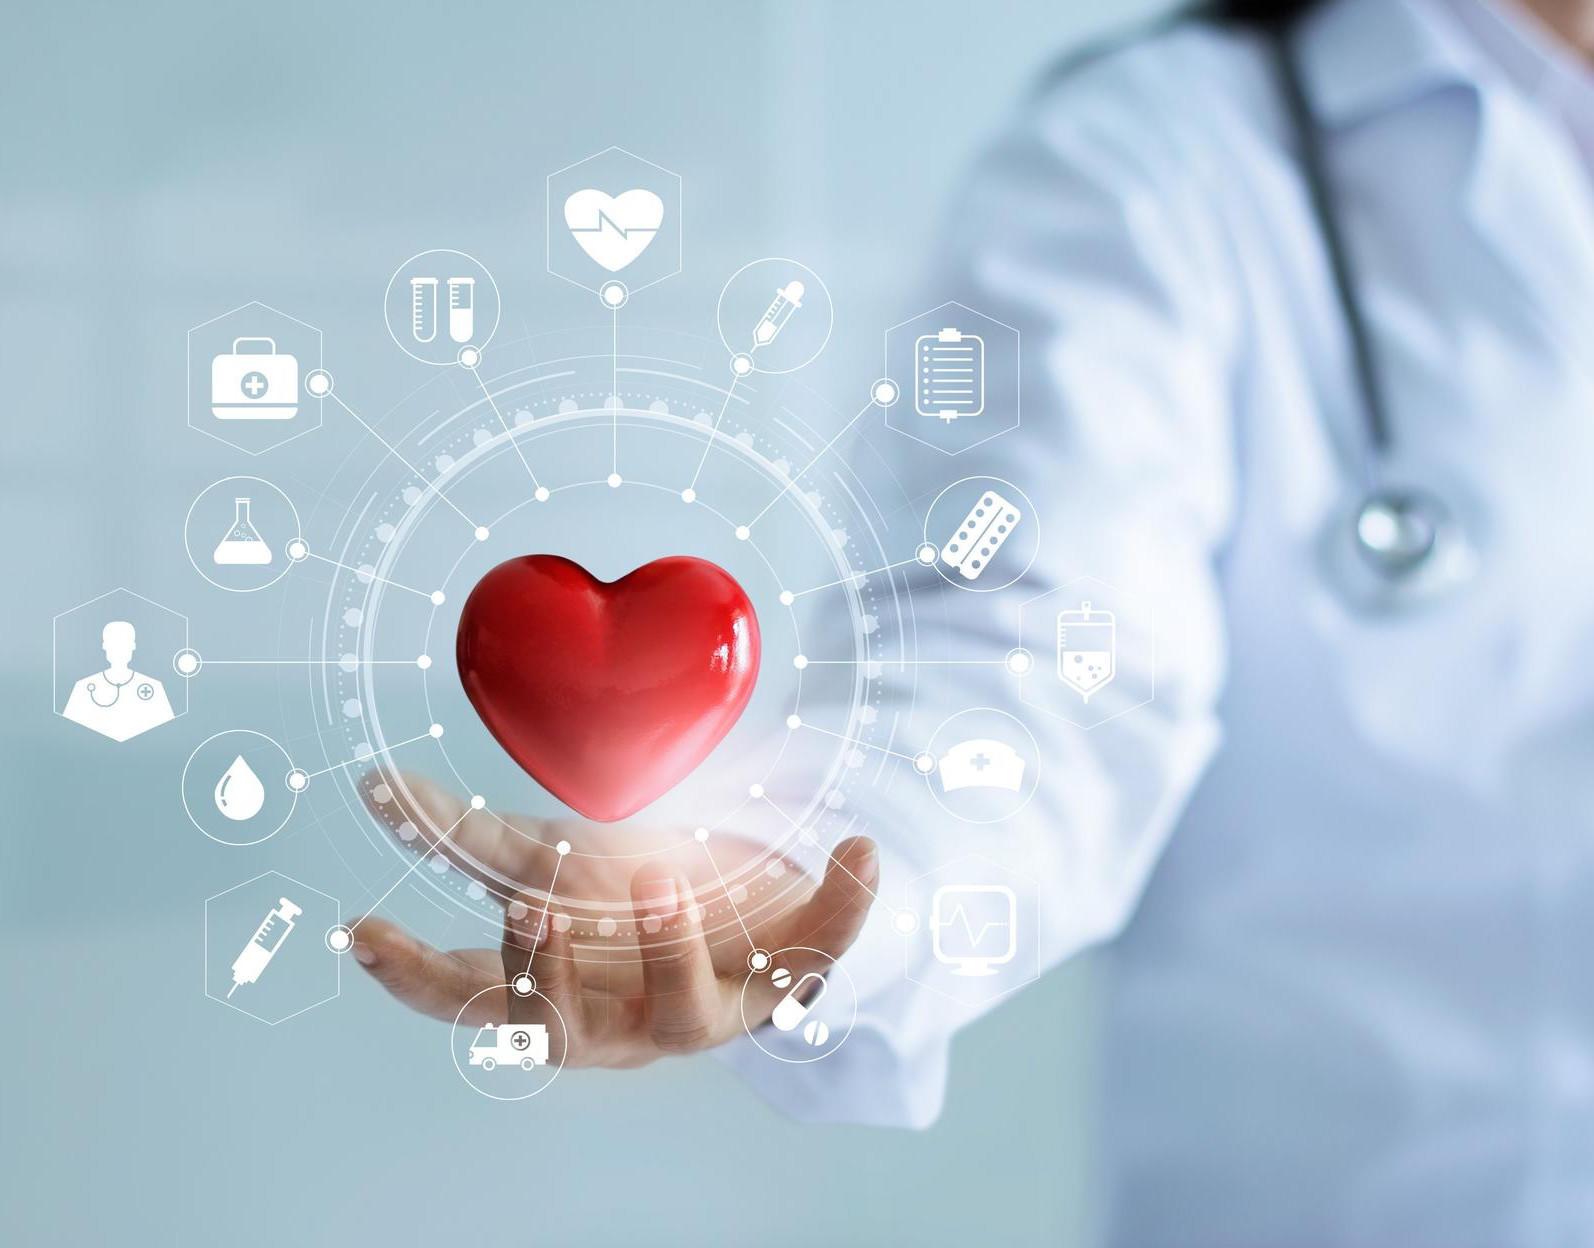 Ein grafisches Herz mit Pfeilen zu den Störfaktoren